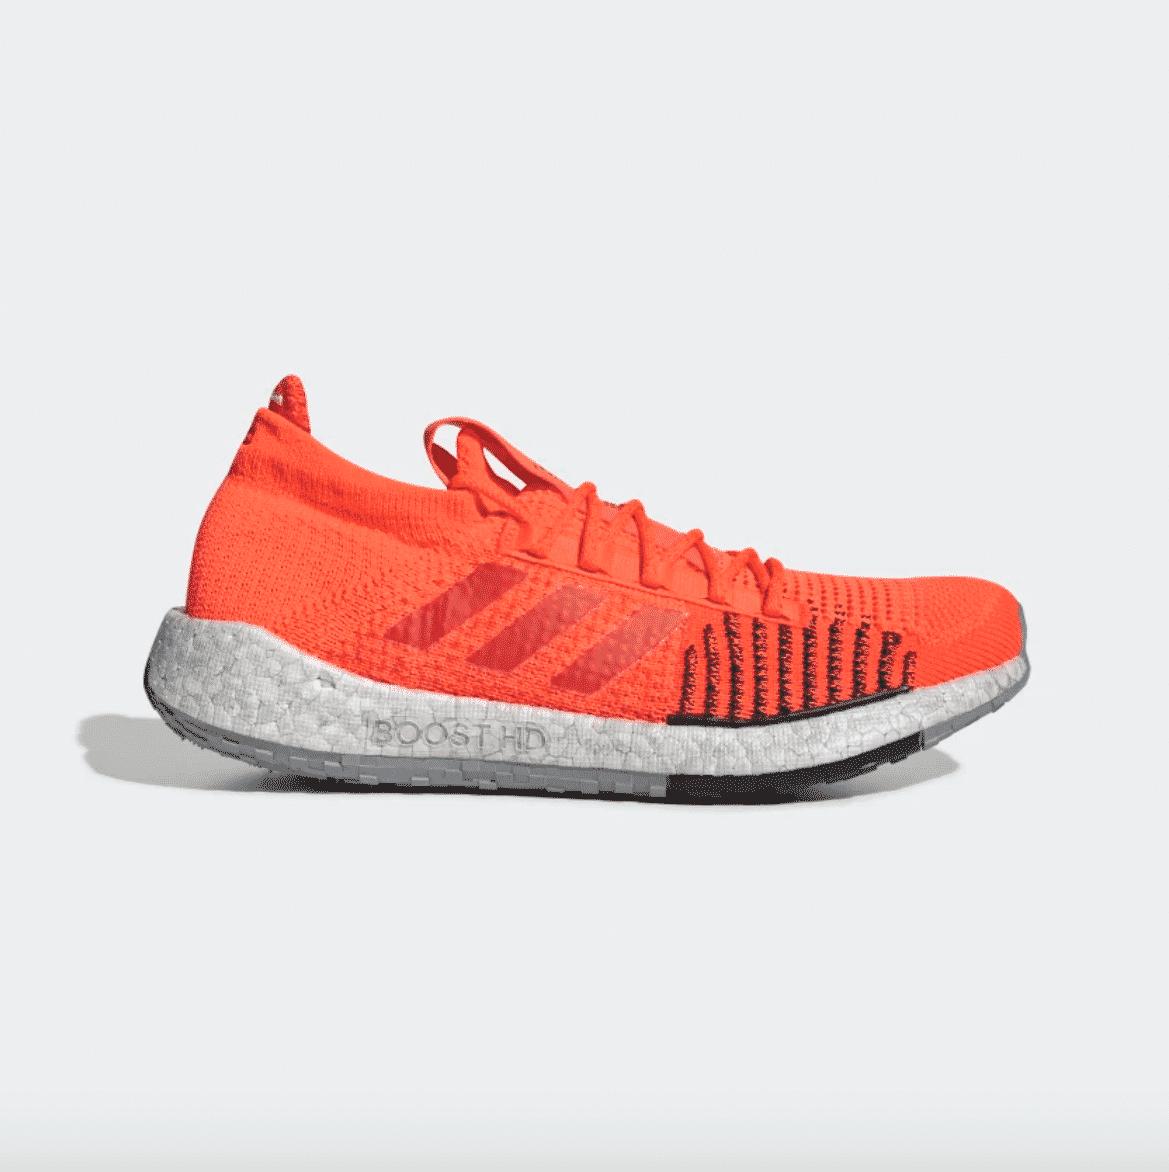 adidas-running-pulseboost-hd-8